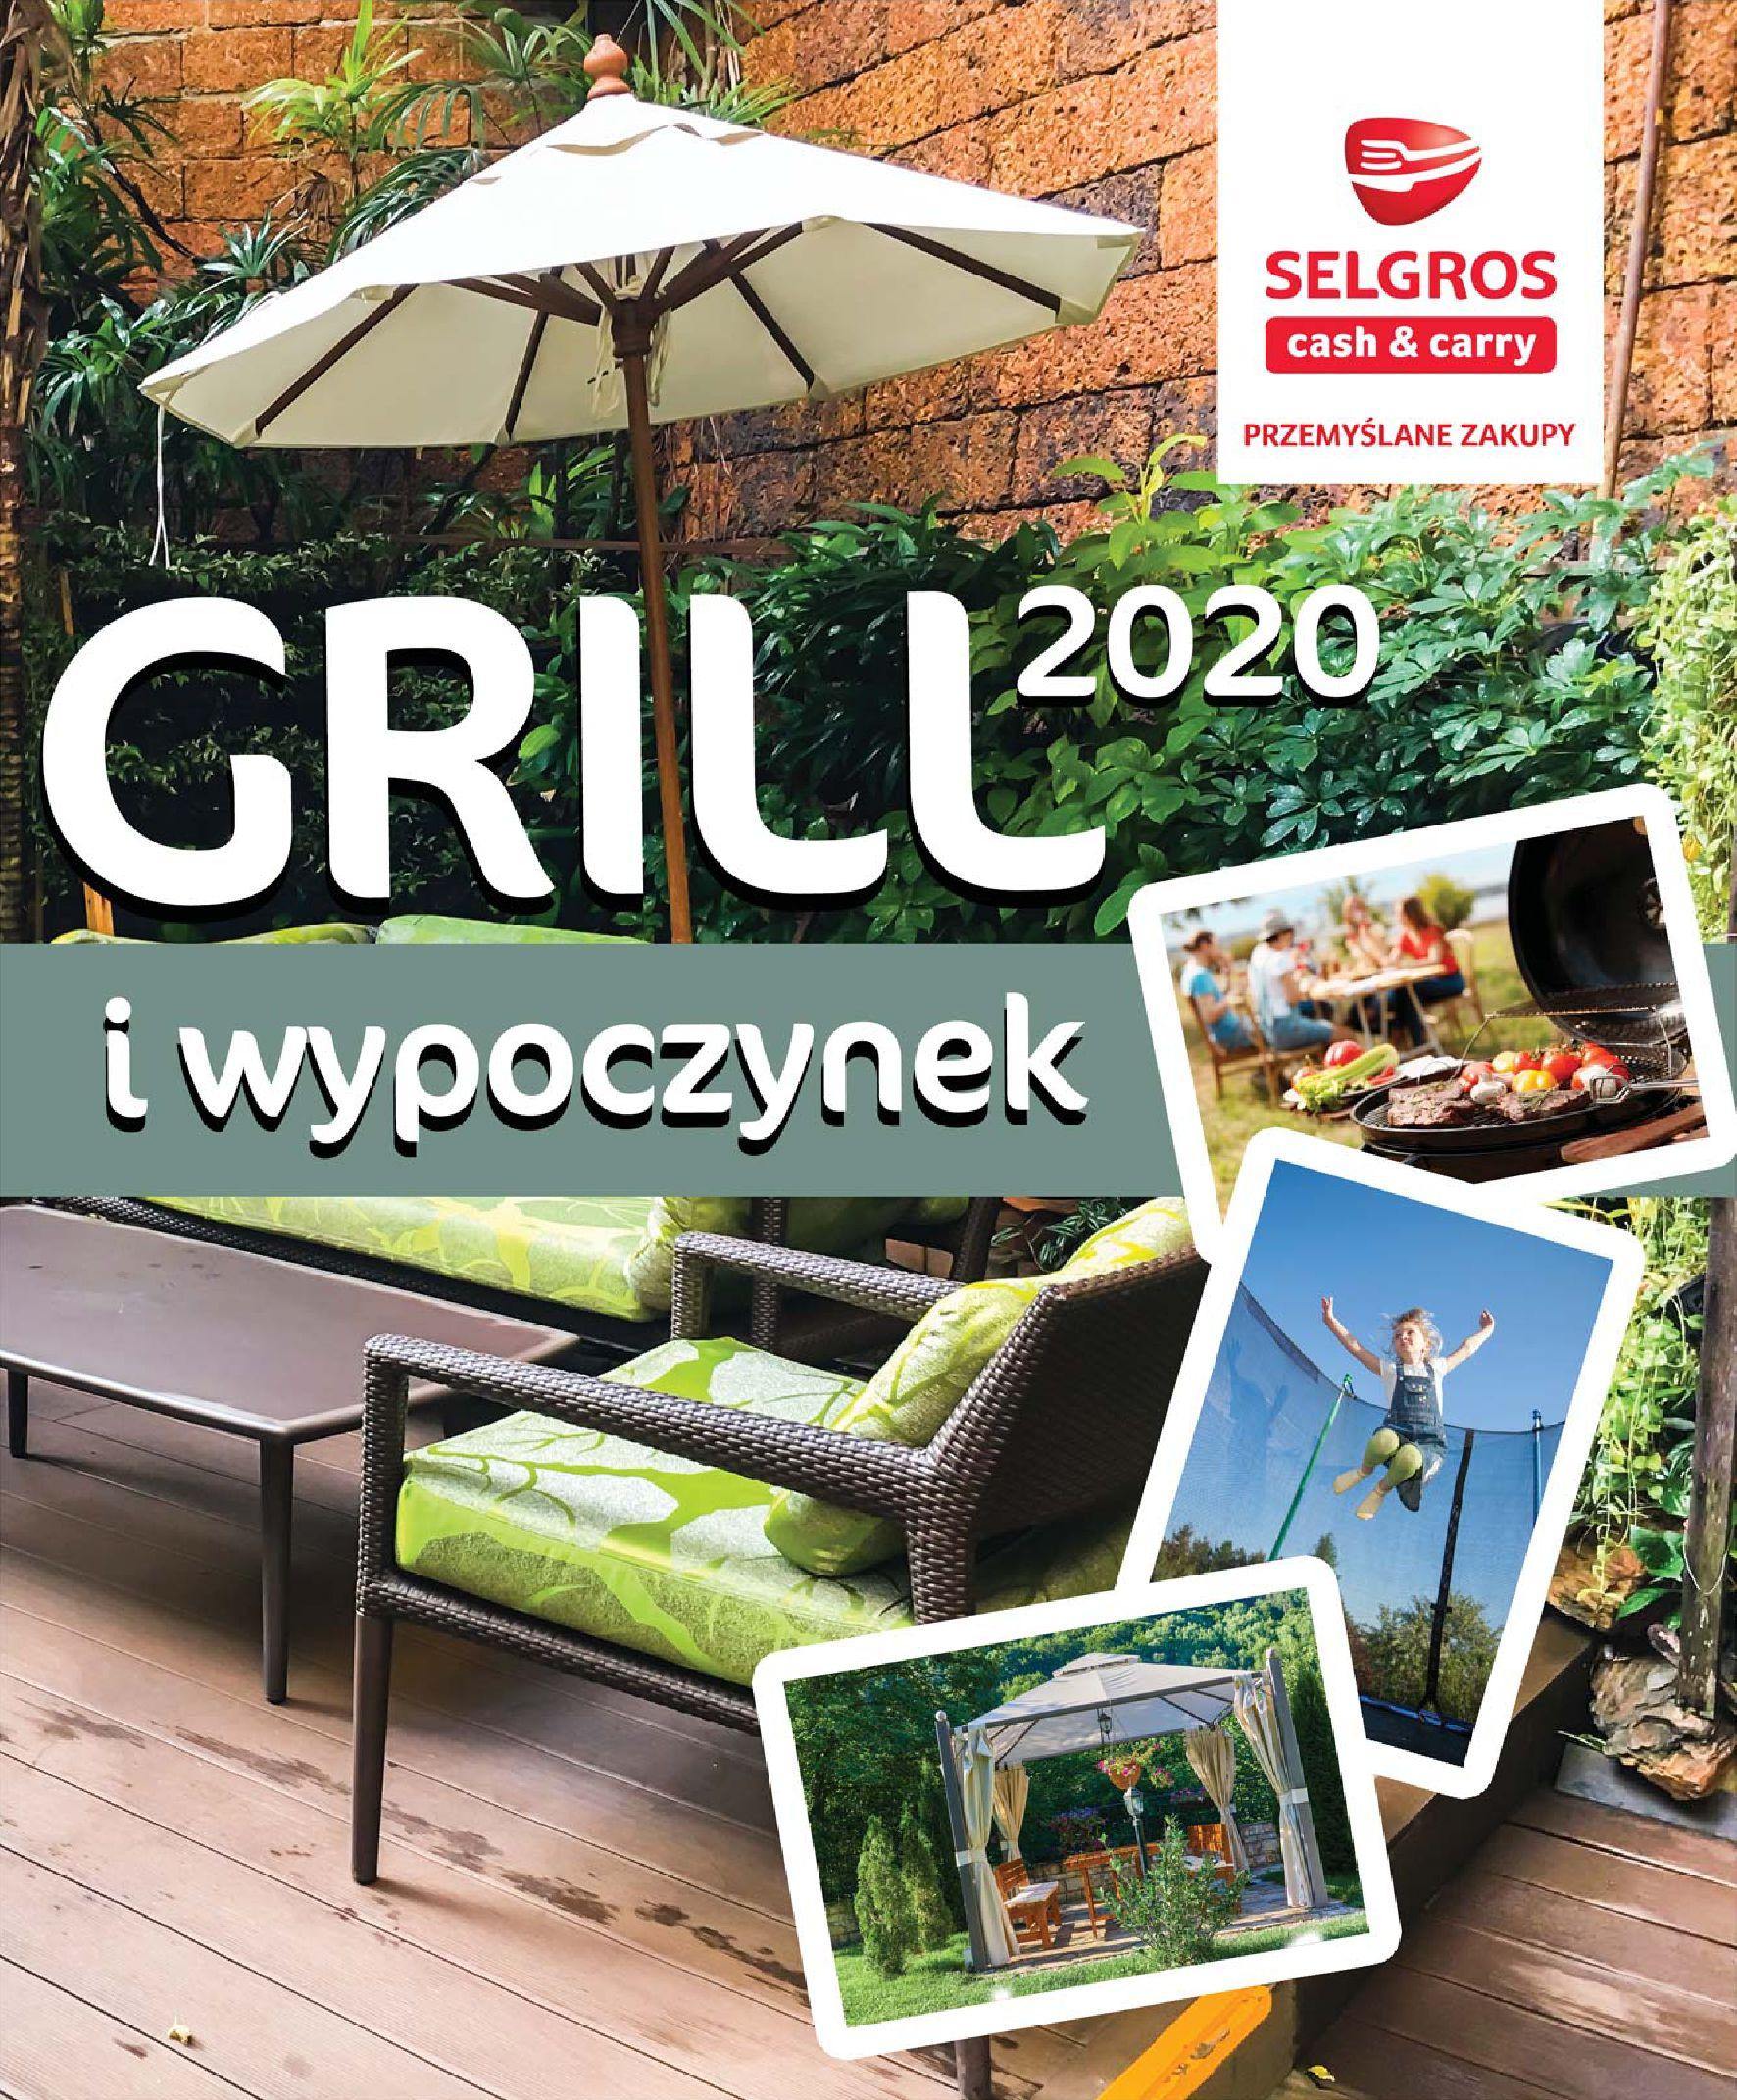 Gazetka Selgros - Katalog - Grill i wypoczynek-31.03.2020-31.08.2020-page-1